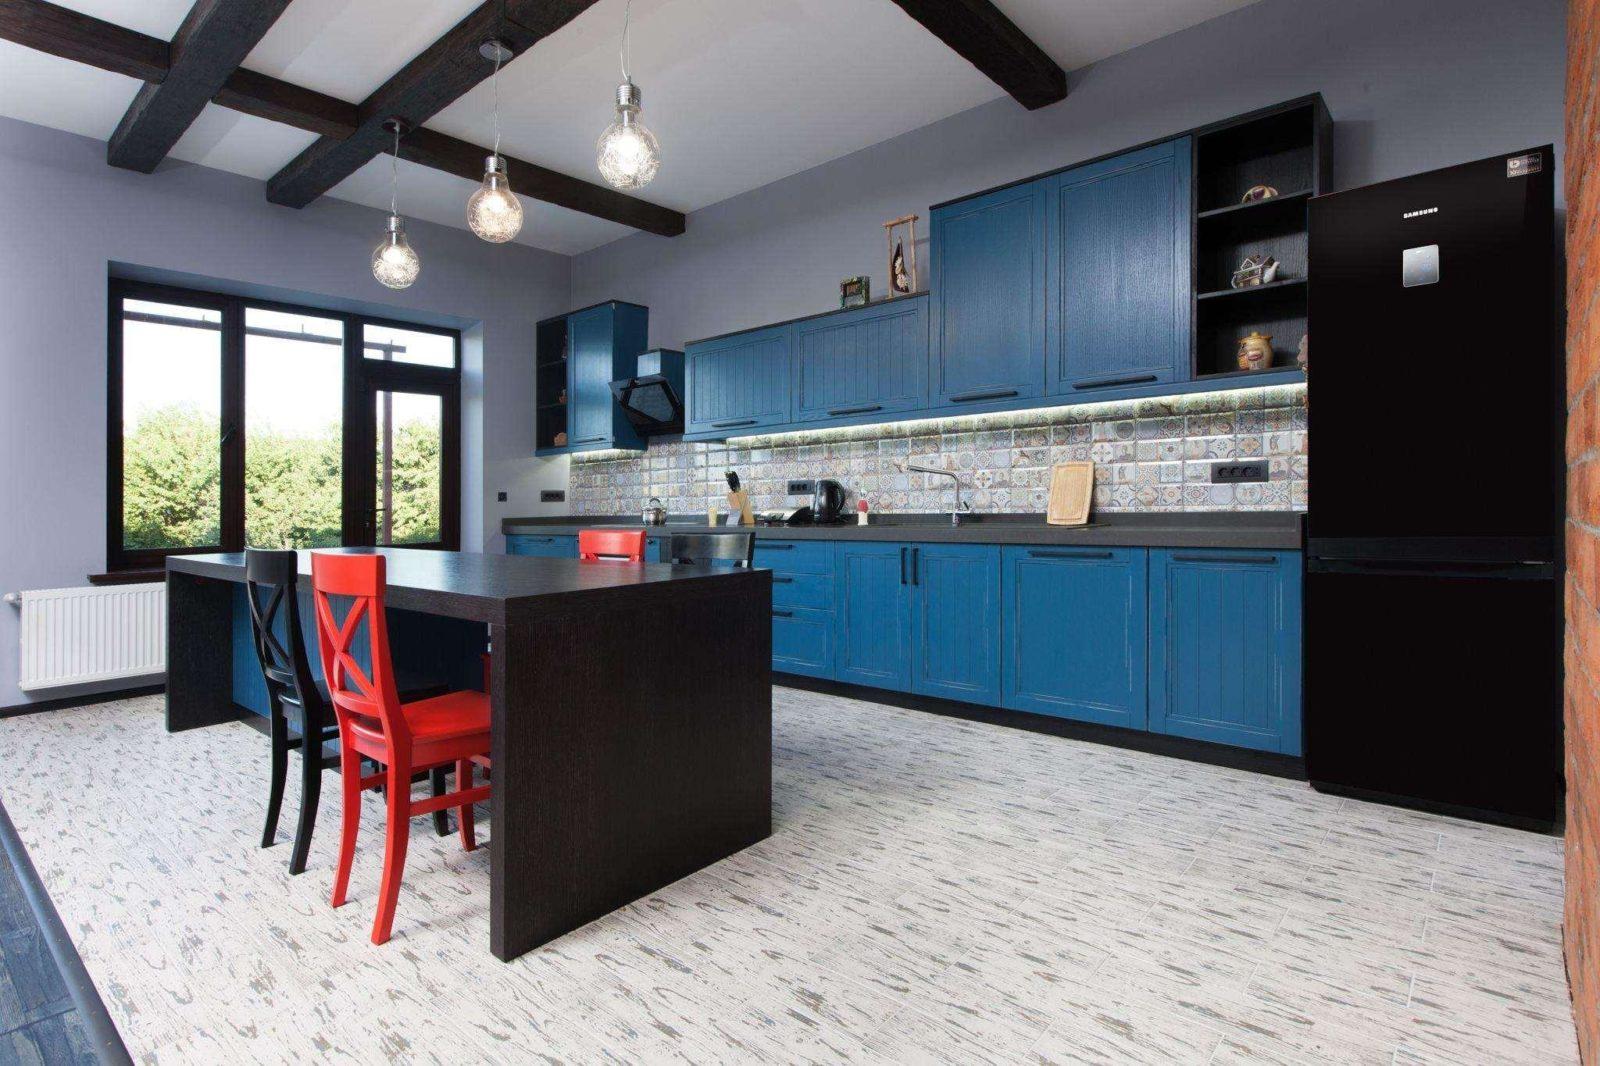 Необычная мебель для вашего дома созданная профессионалами